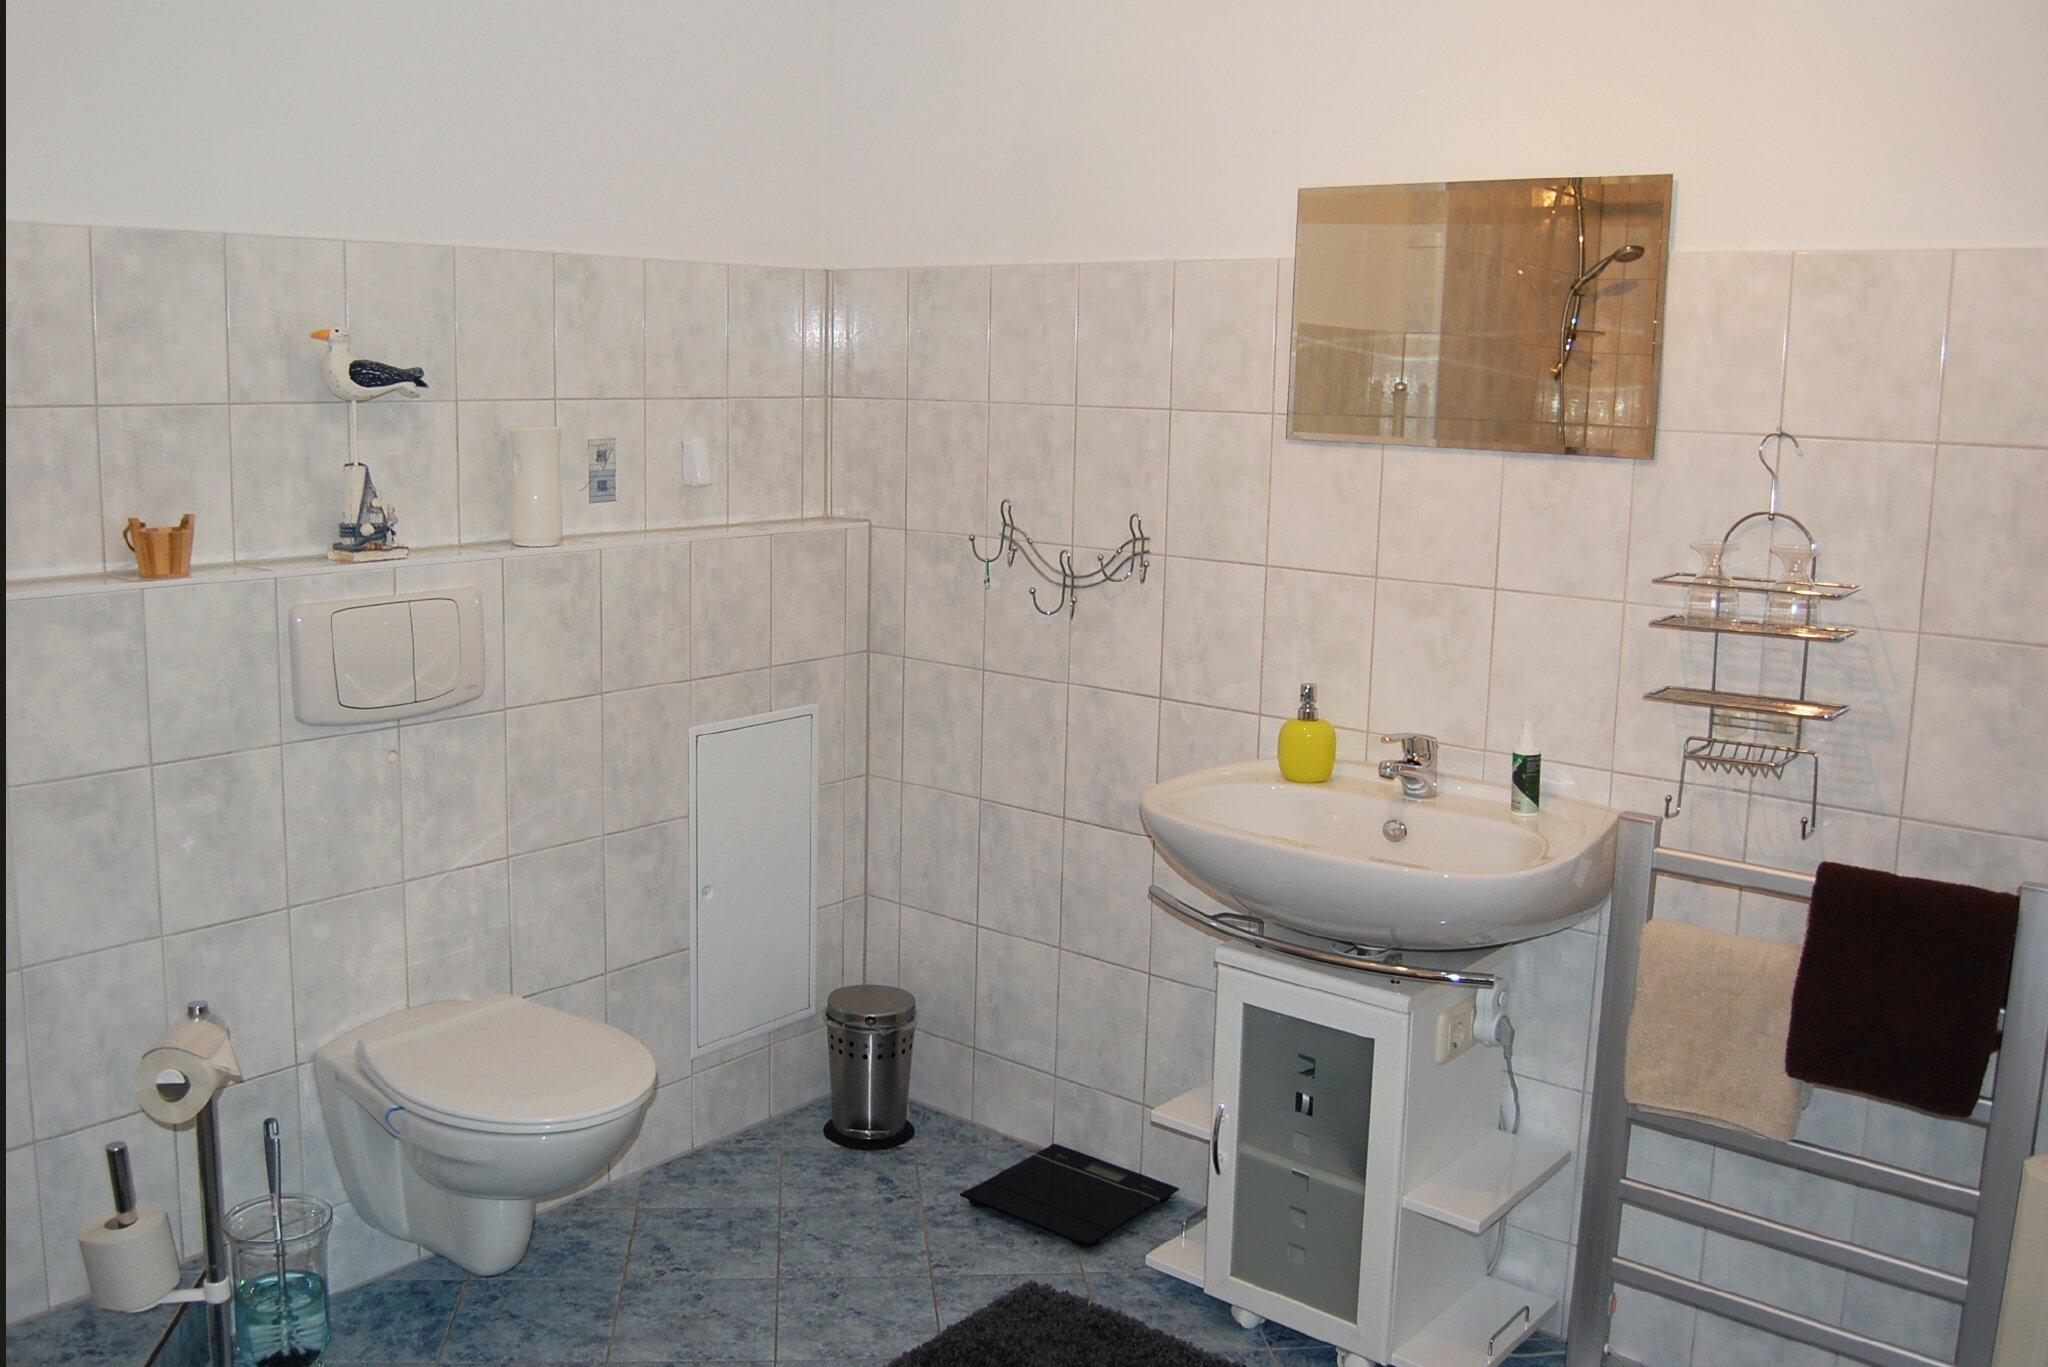 Duschbadezimmer_02